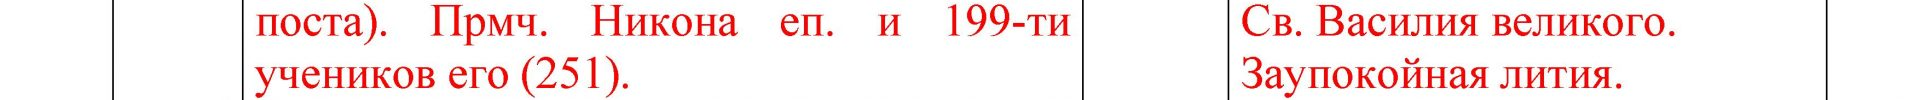 Расписание богослужений Преображенского храма деревни Спас-Каменка на апрель 2020 года